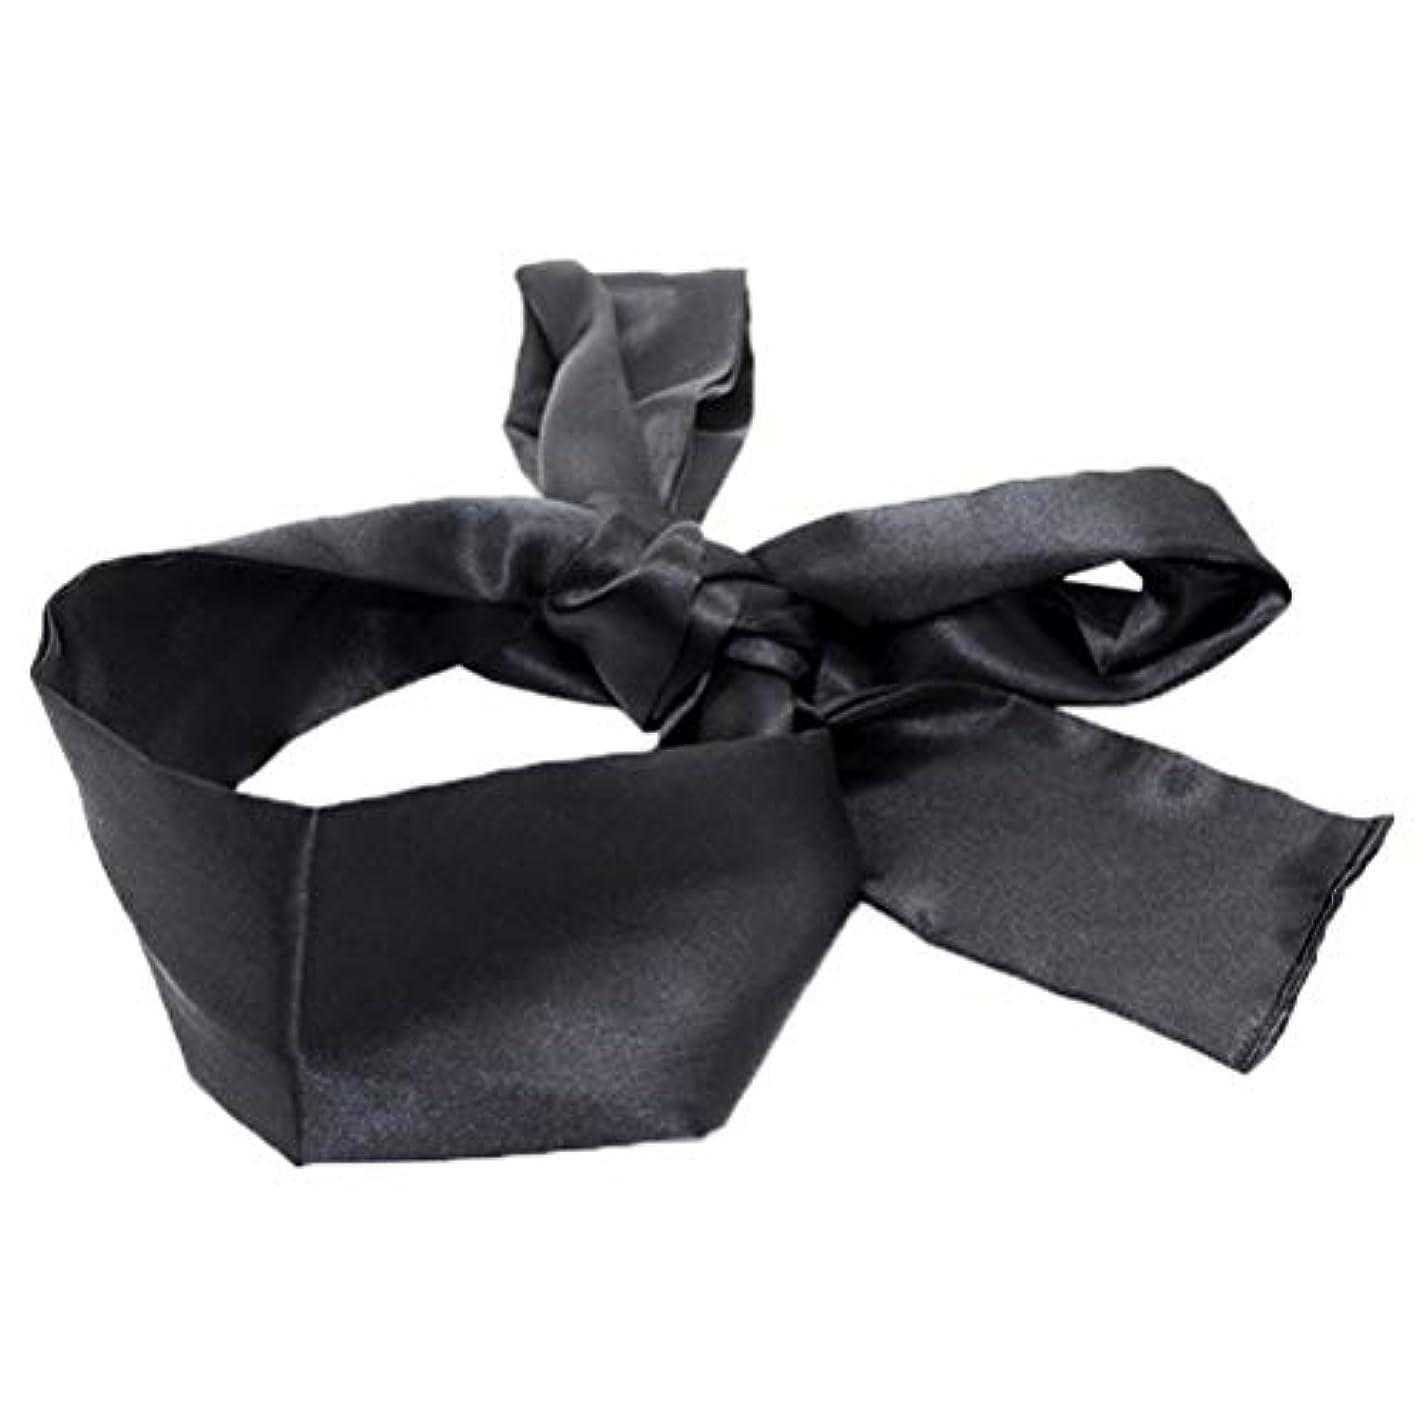 承認麺ダイエットHEALIFTY 睡眠マスクホームトラベルコスチューム小道具(ブラック)用サテン目隠しソフト快適なアイマスクバンドブラインダー